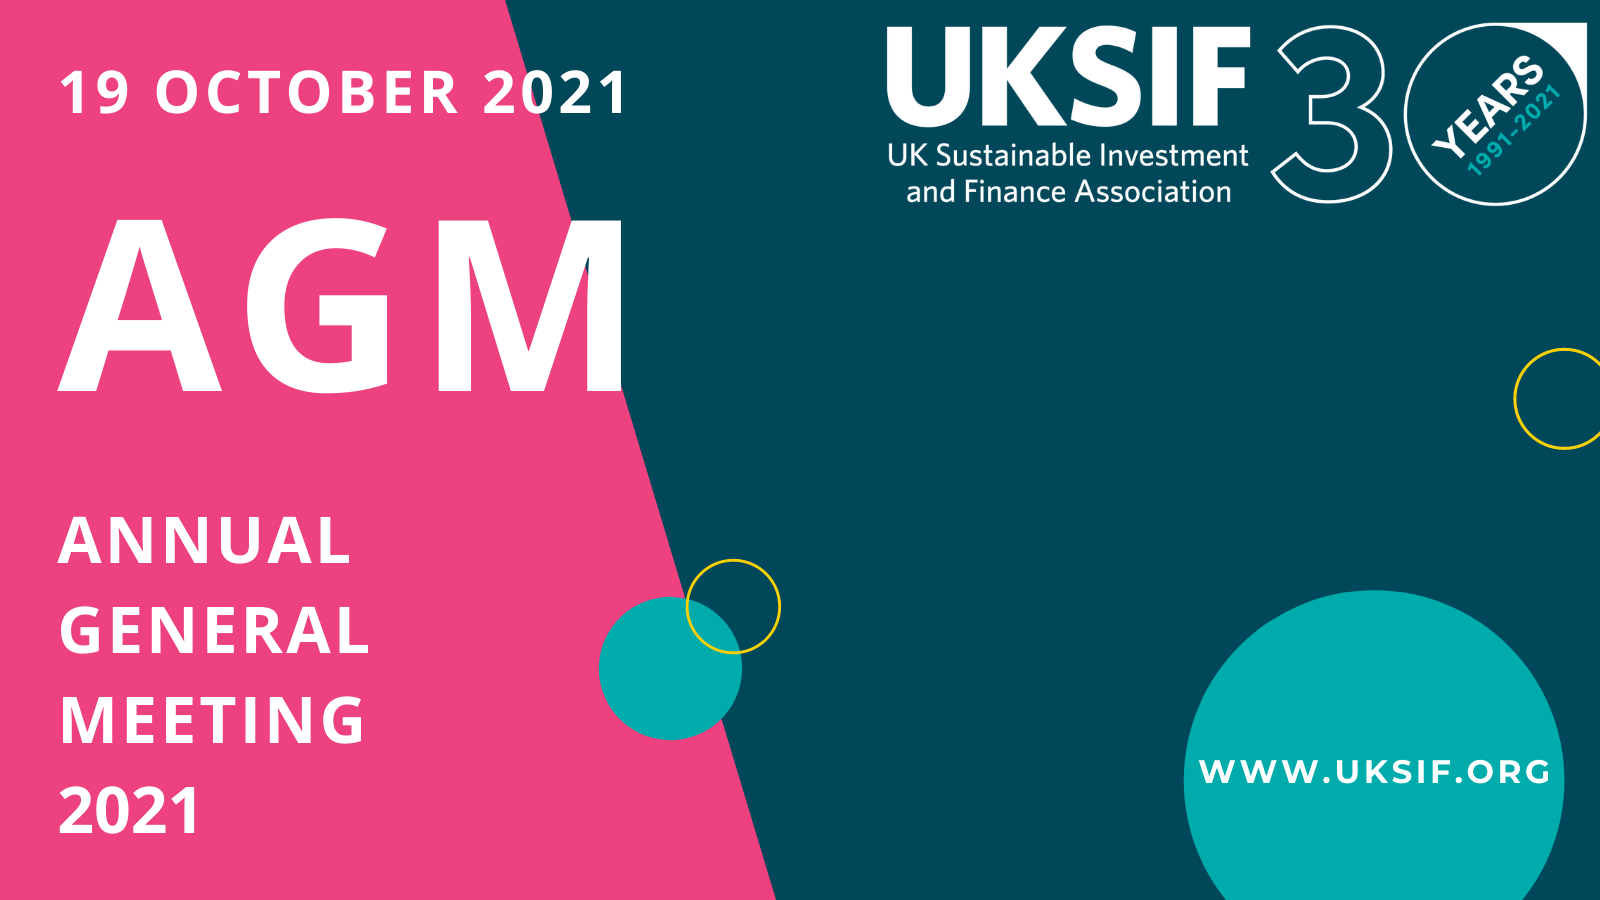 UKSIF AGM 2021 - Preview Image